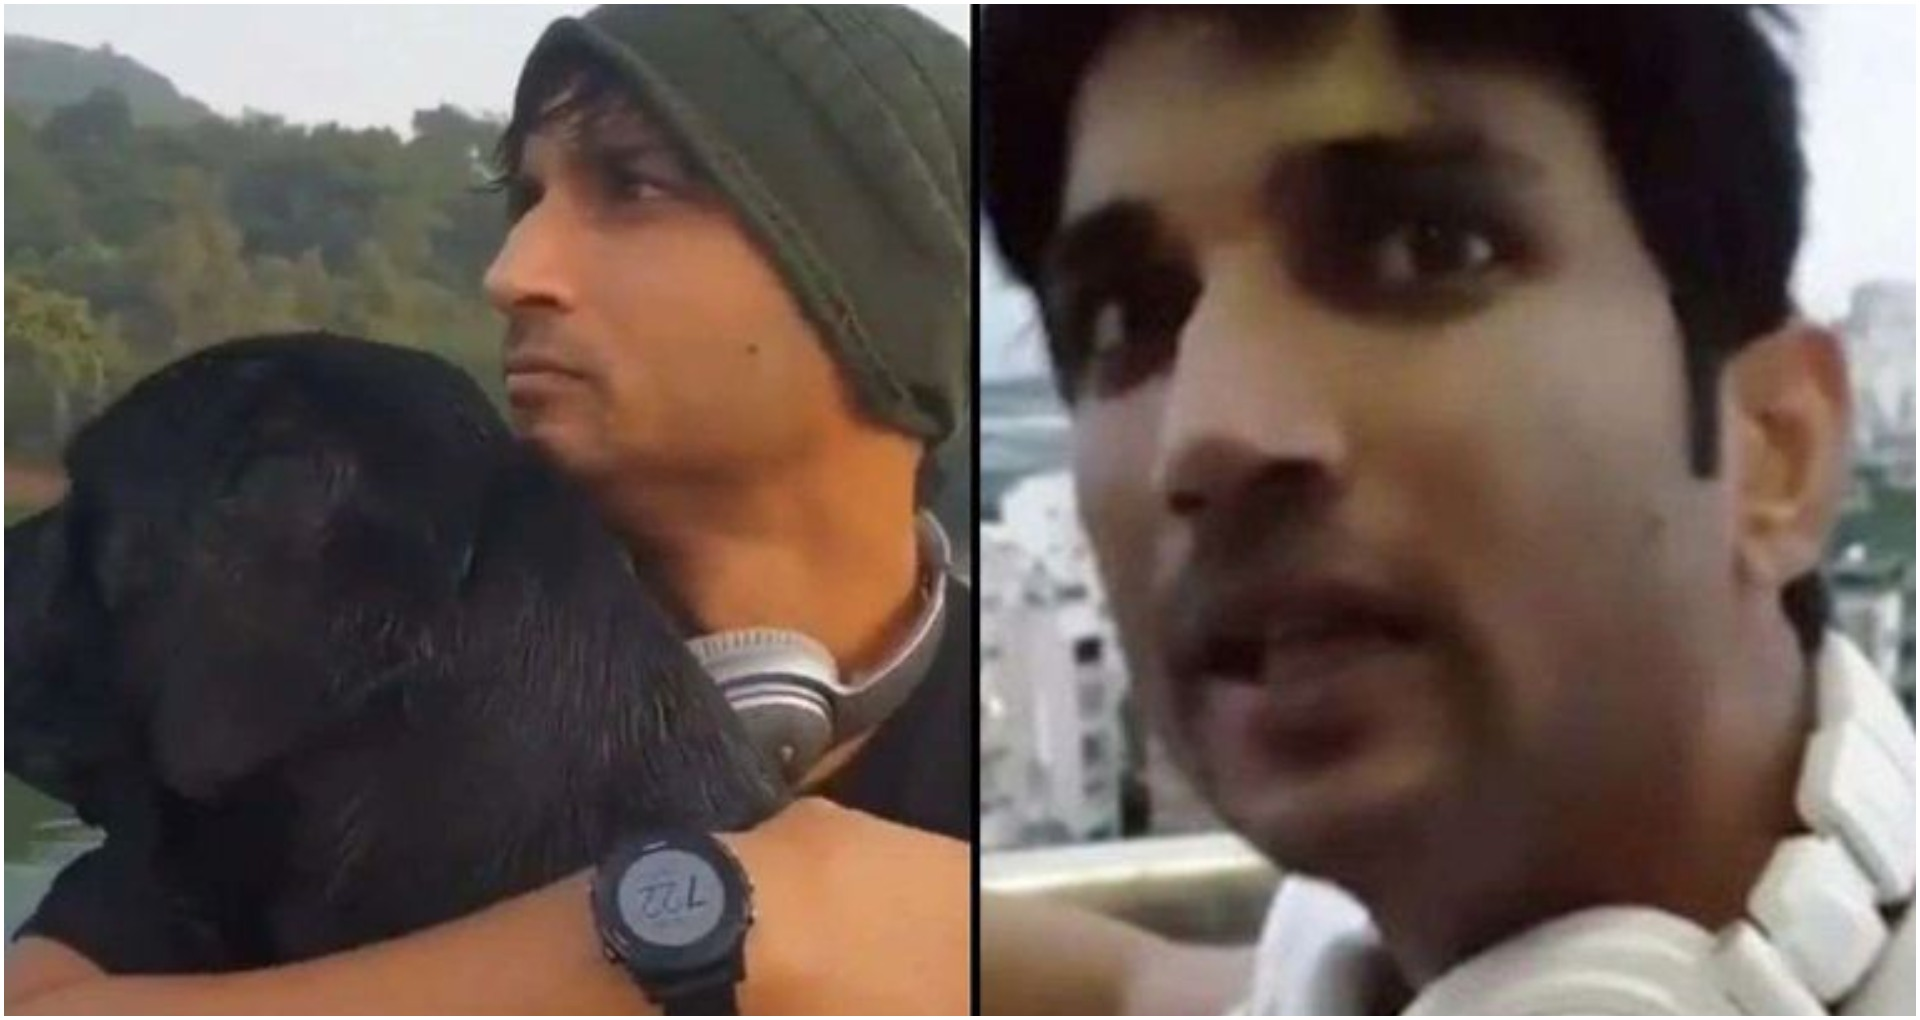 सुशांत सिंह राजपूत की बहन श्वेता ने शेयर किया VIDEO, जिसे देख आप भी अपने आंसू नहीं रोक पाएंगे